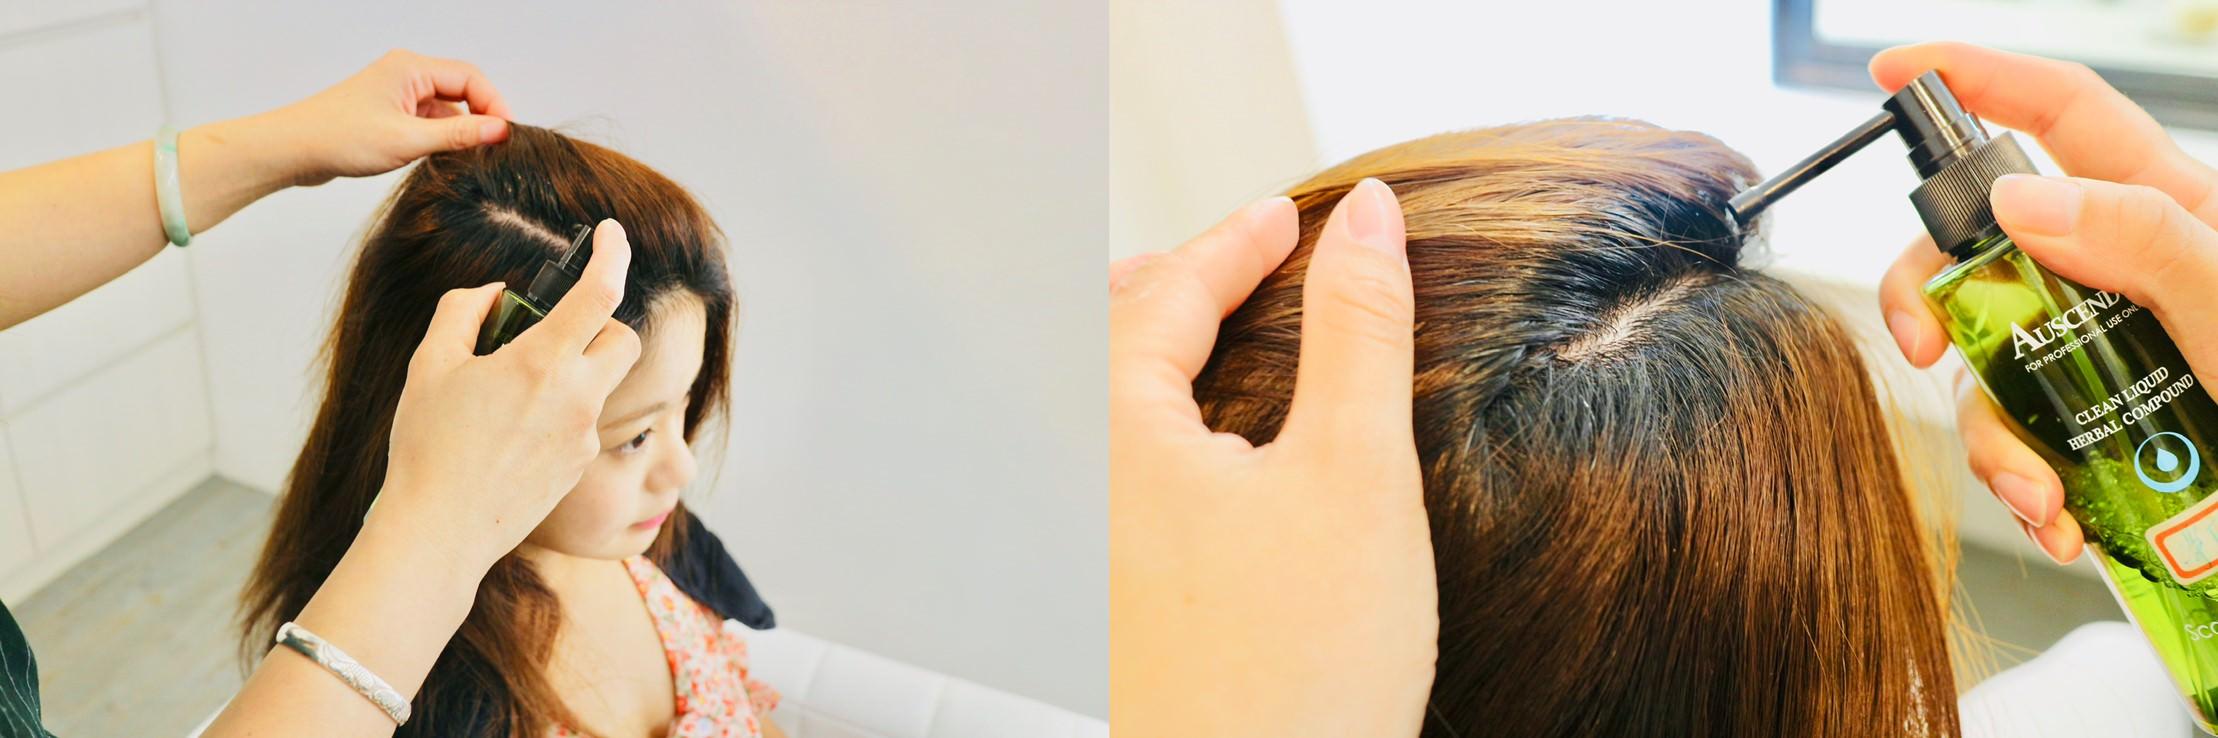 溫厚廊頭皮spa 頭皮清潔